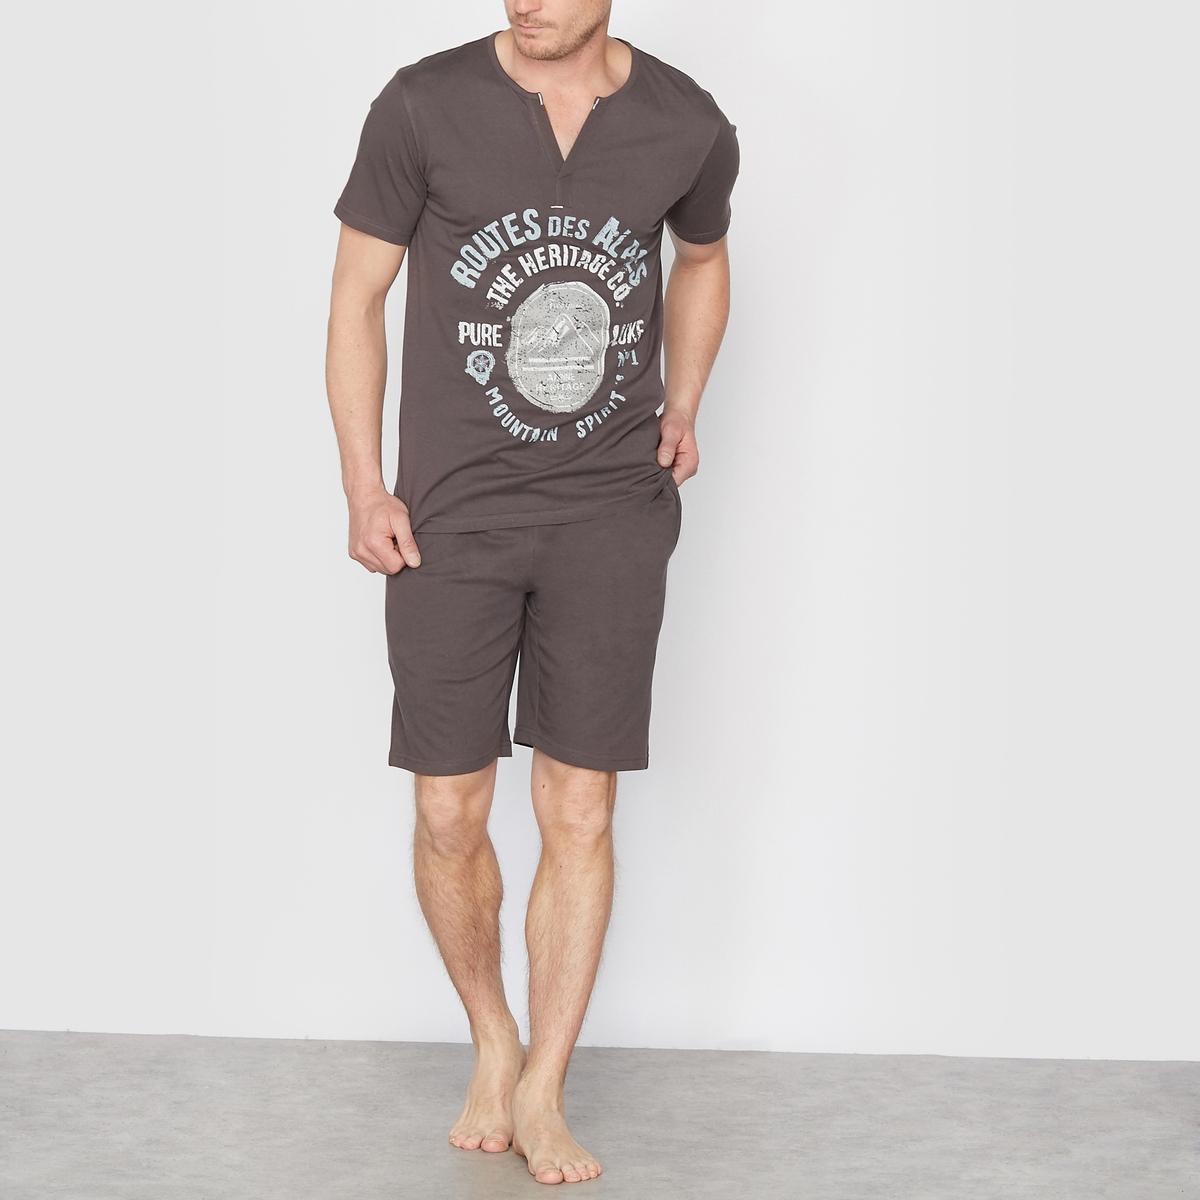 Пижама с шортами из хлопкового джерси*Международный знак Oeko-Tex гарантирует отсутствие вредных и раздражающих кожу веществ.<br><br>Цвет: антрацит<br>Размер: 50/52